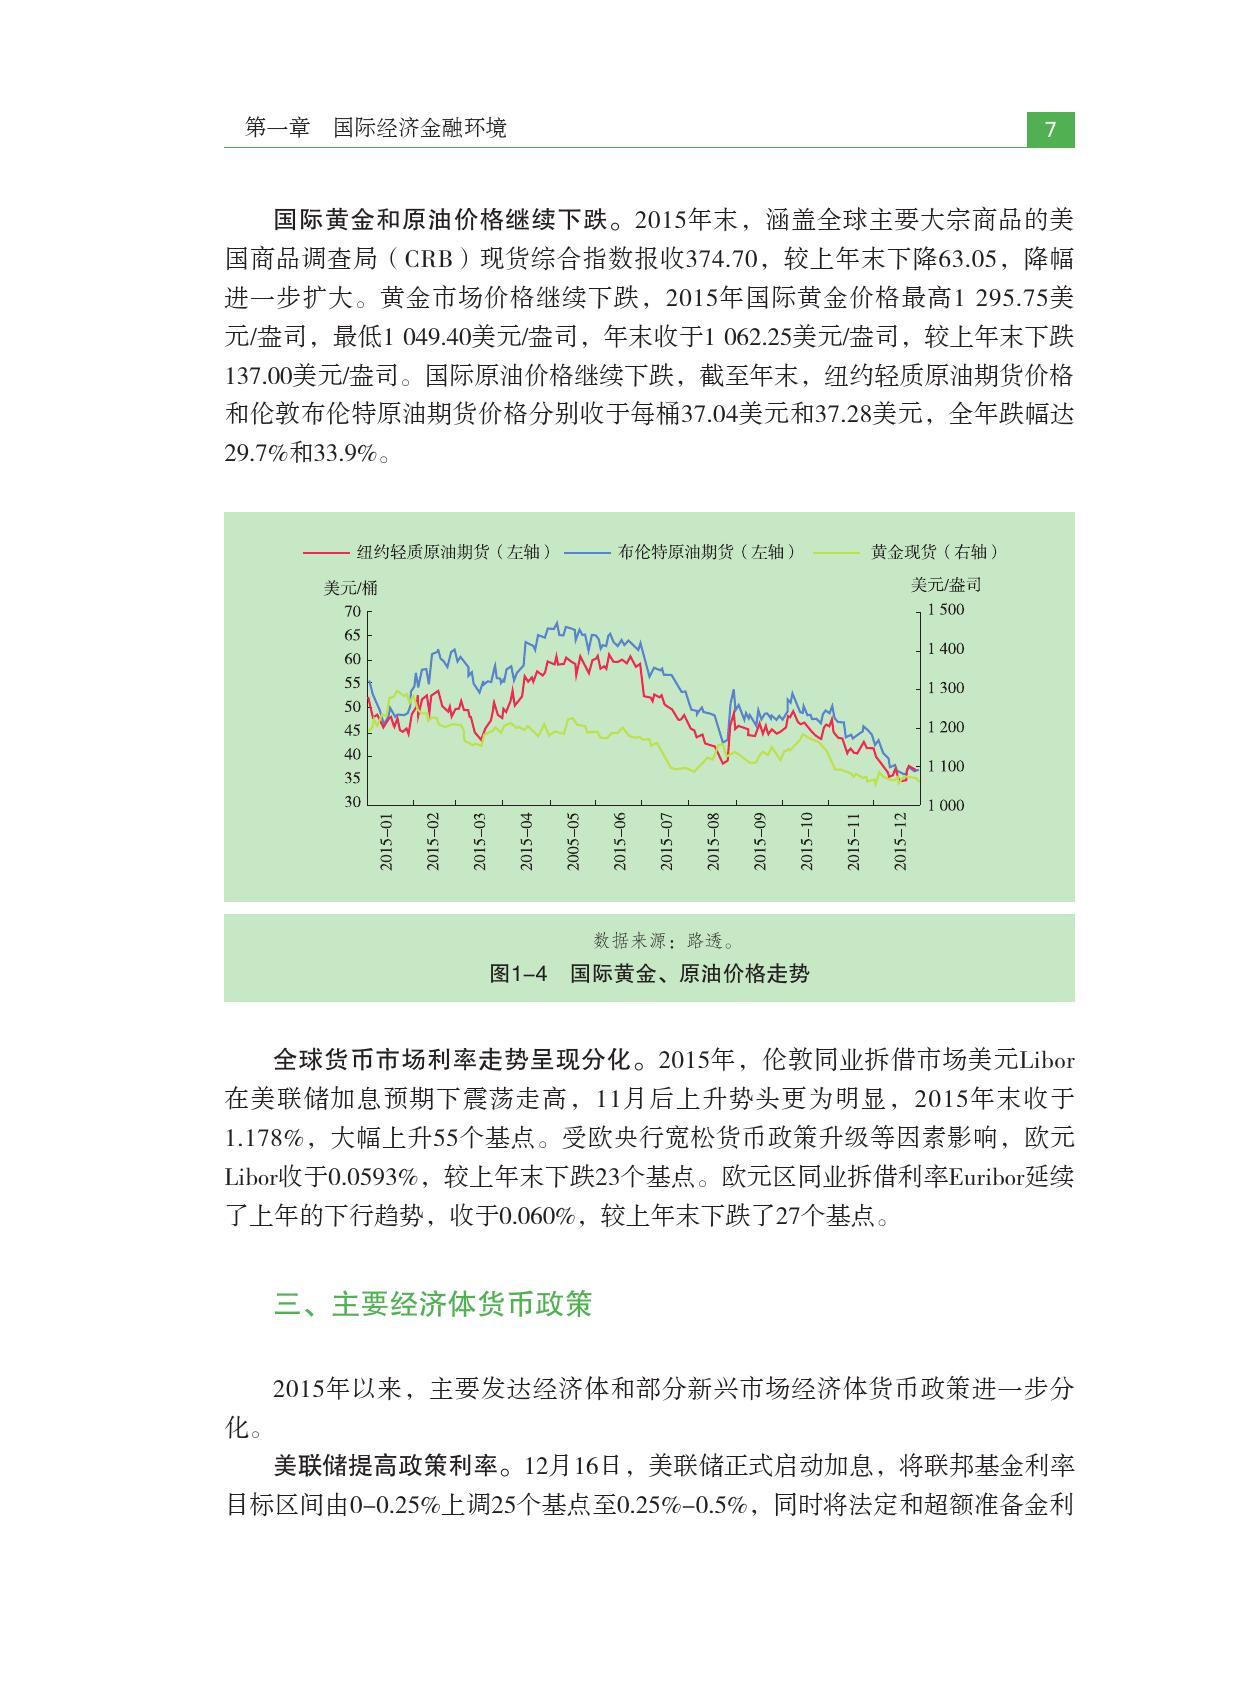 2016年中国金融稳定报告_000017